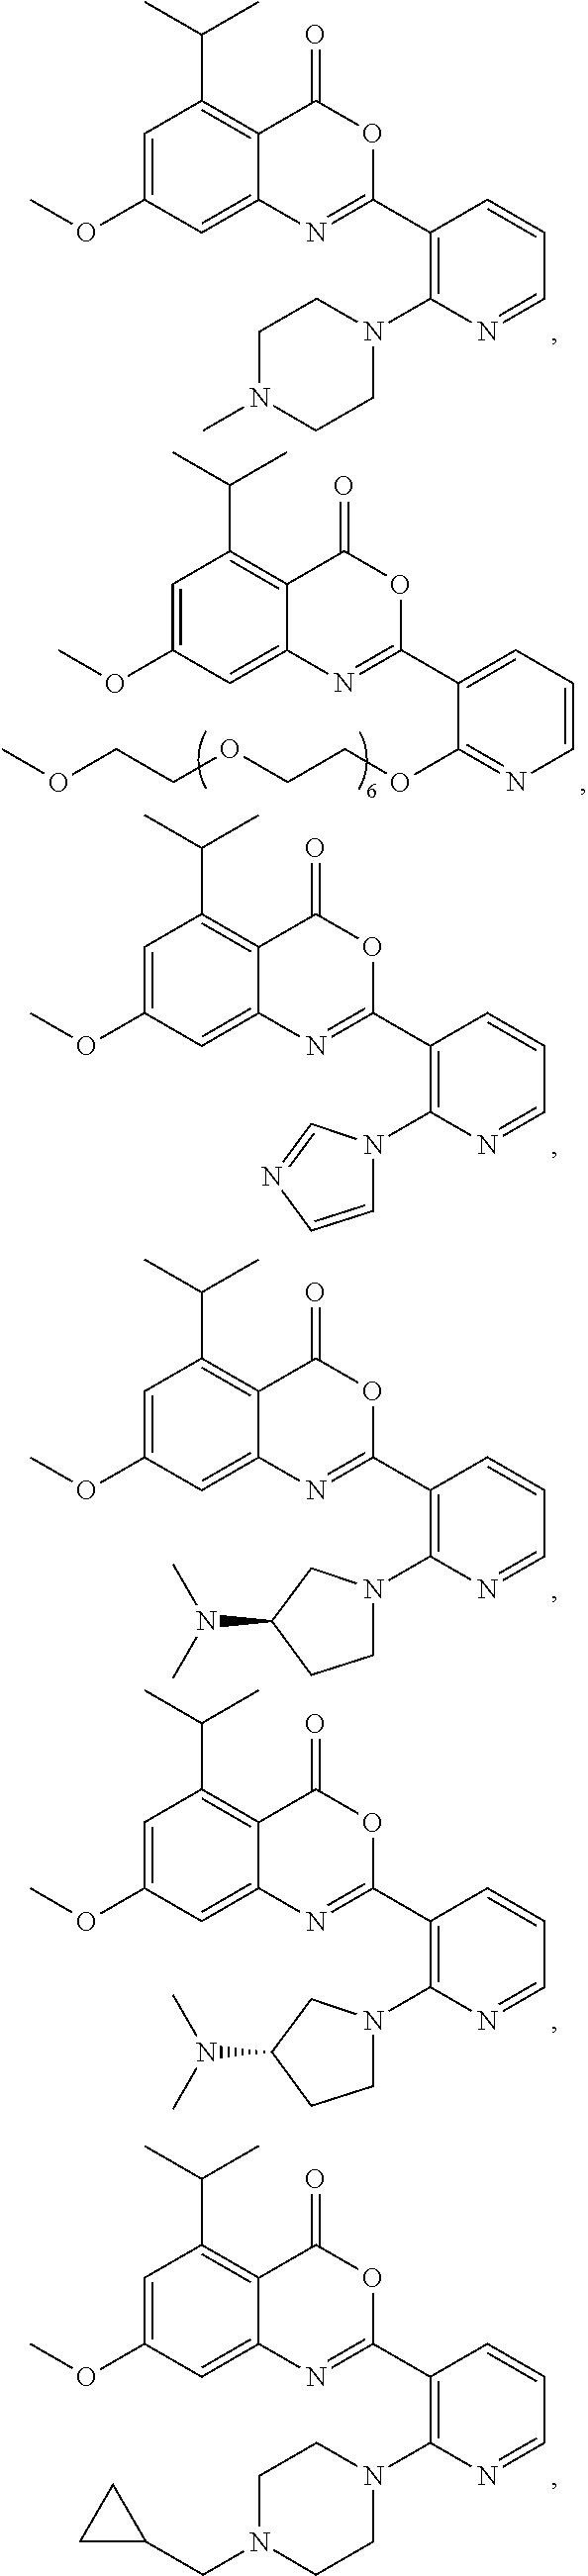 Figure US07879846-20110201-C00392